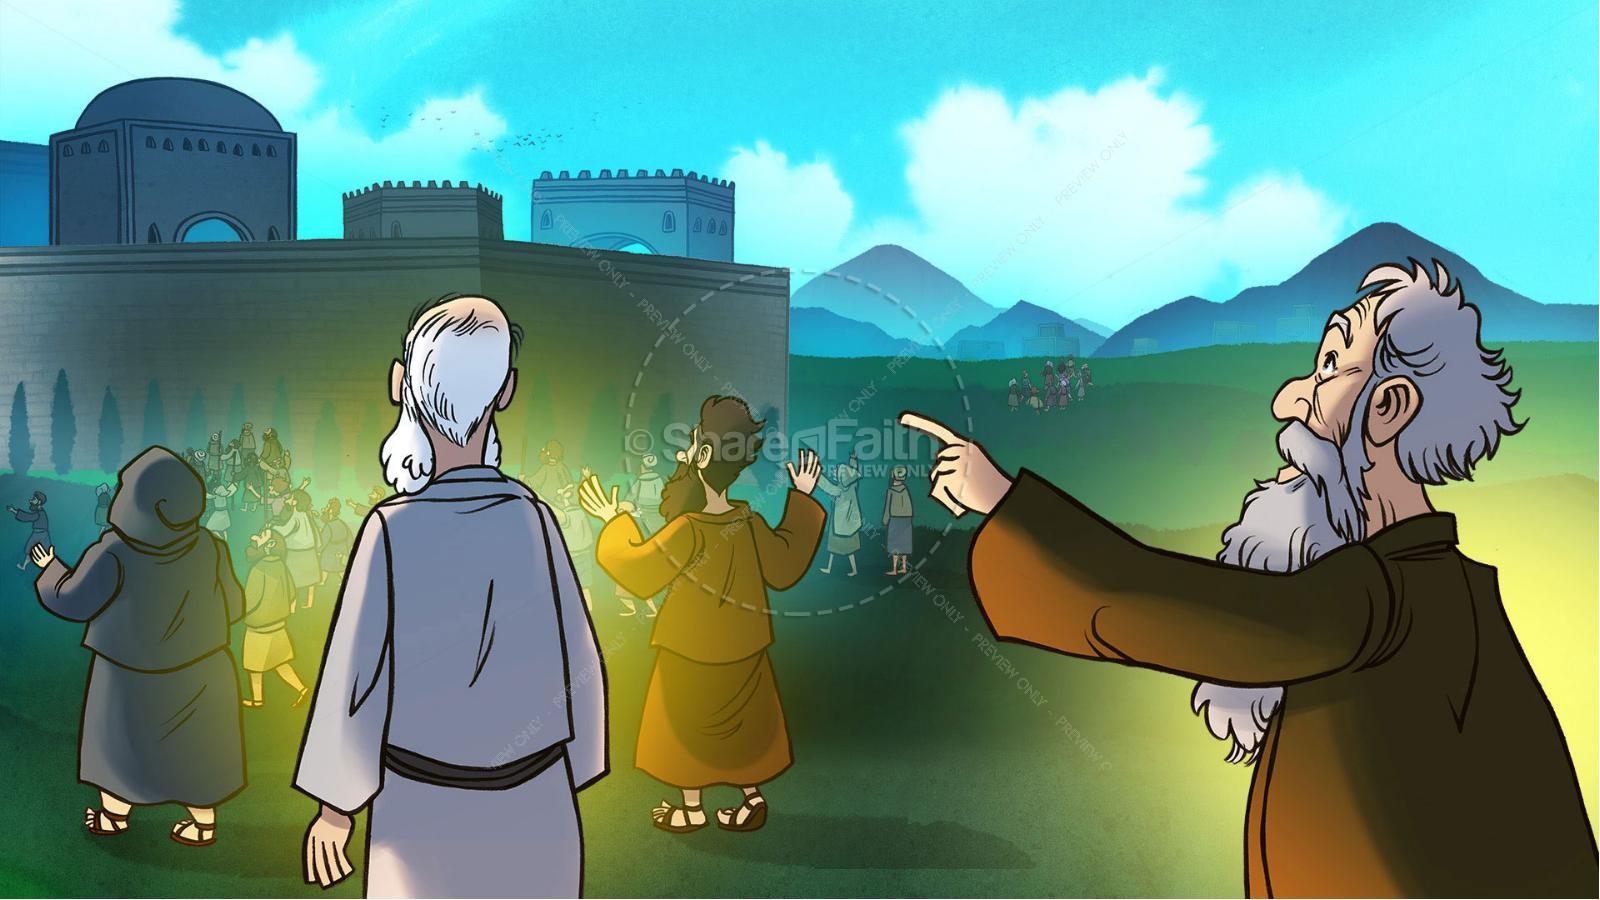 Ezekiel 37 Valley of Dry Bones Kids Bible Story   slide 8